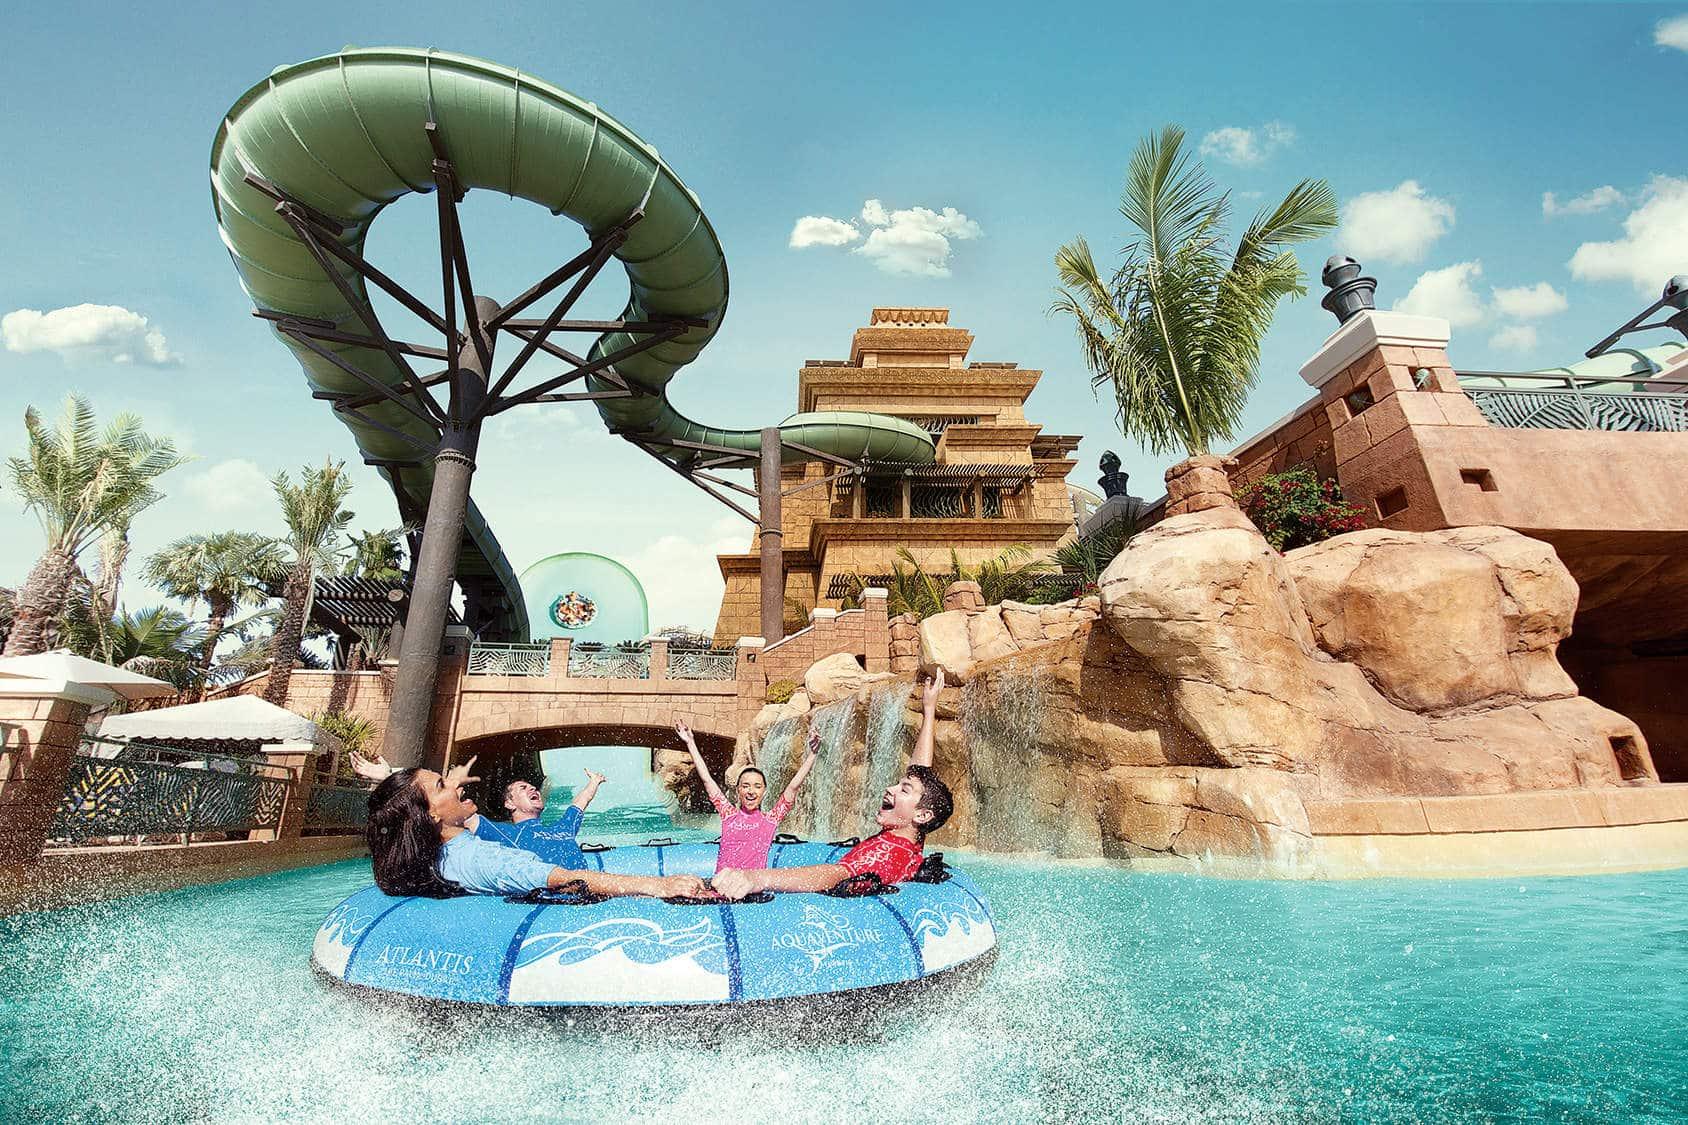 familia divirtiendose en el parque acuatico aqua adventure en Dubai